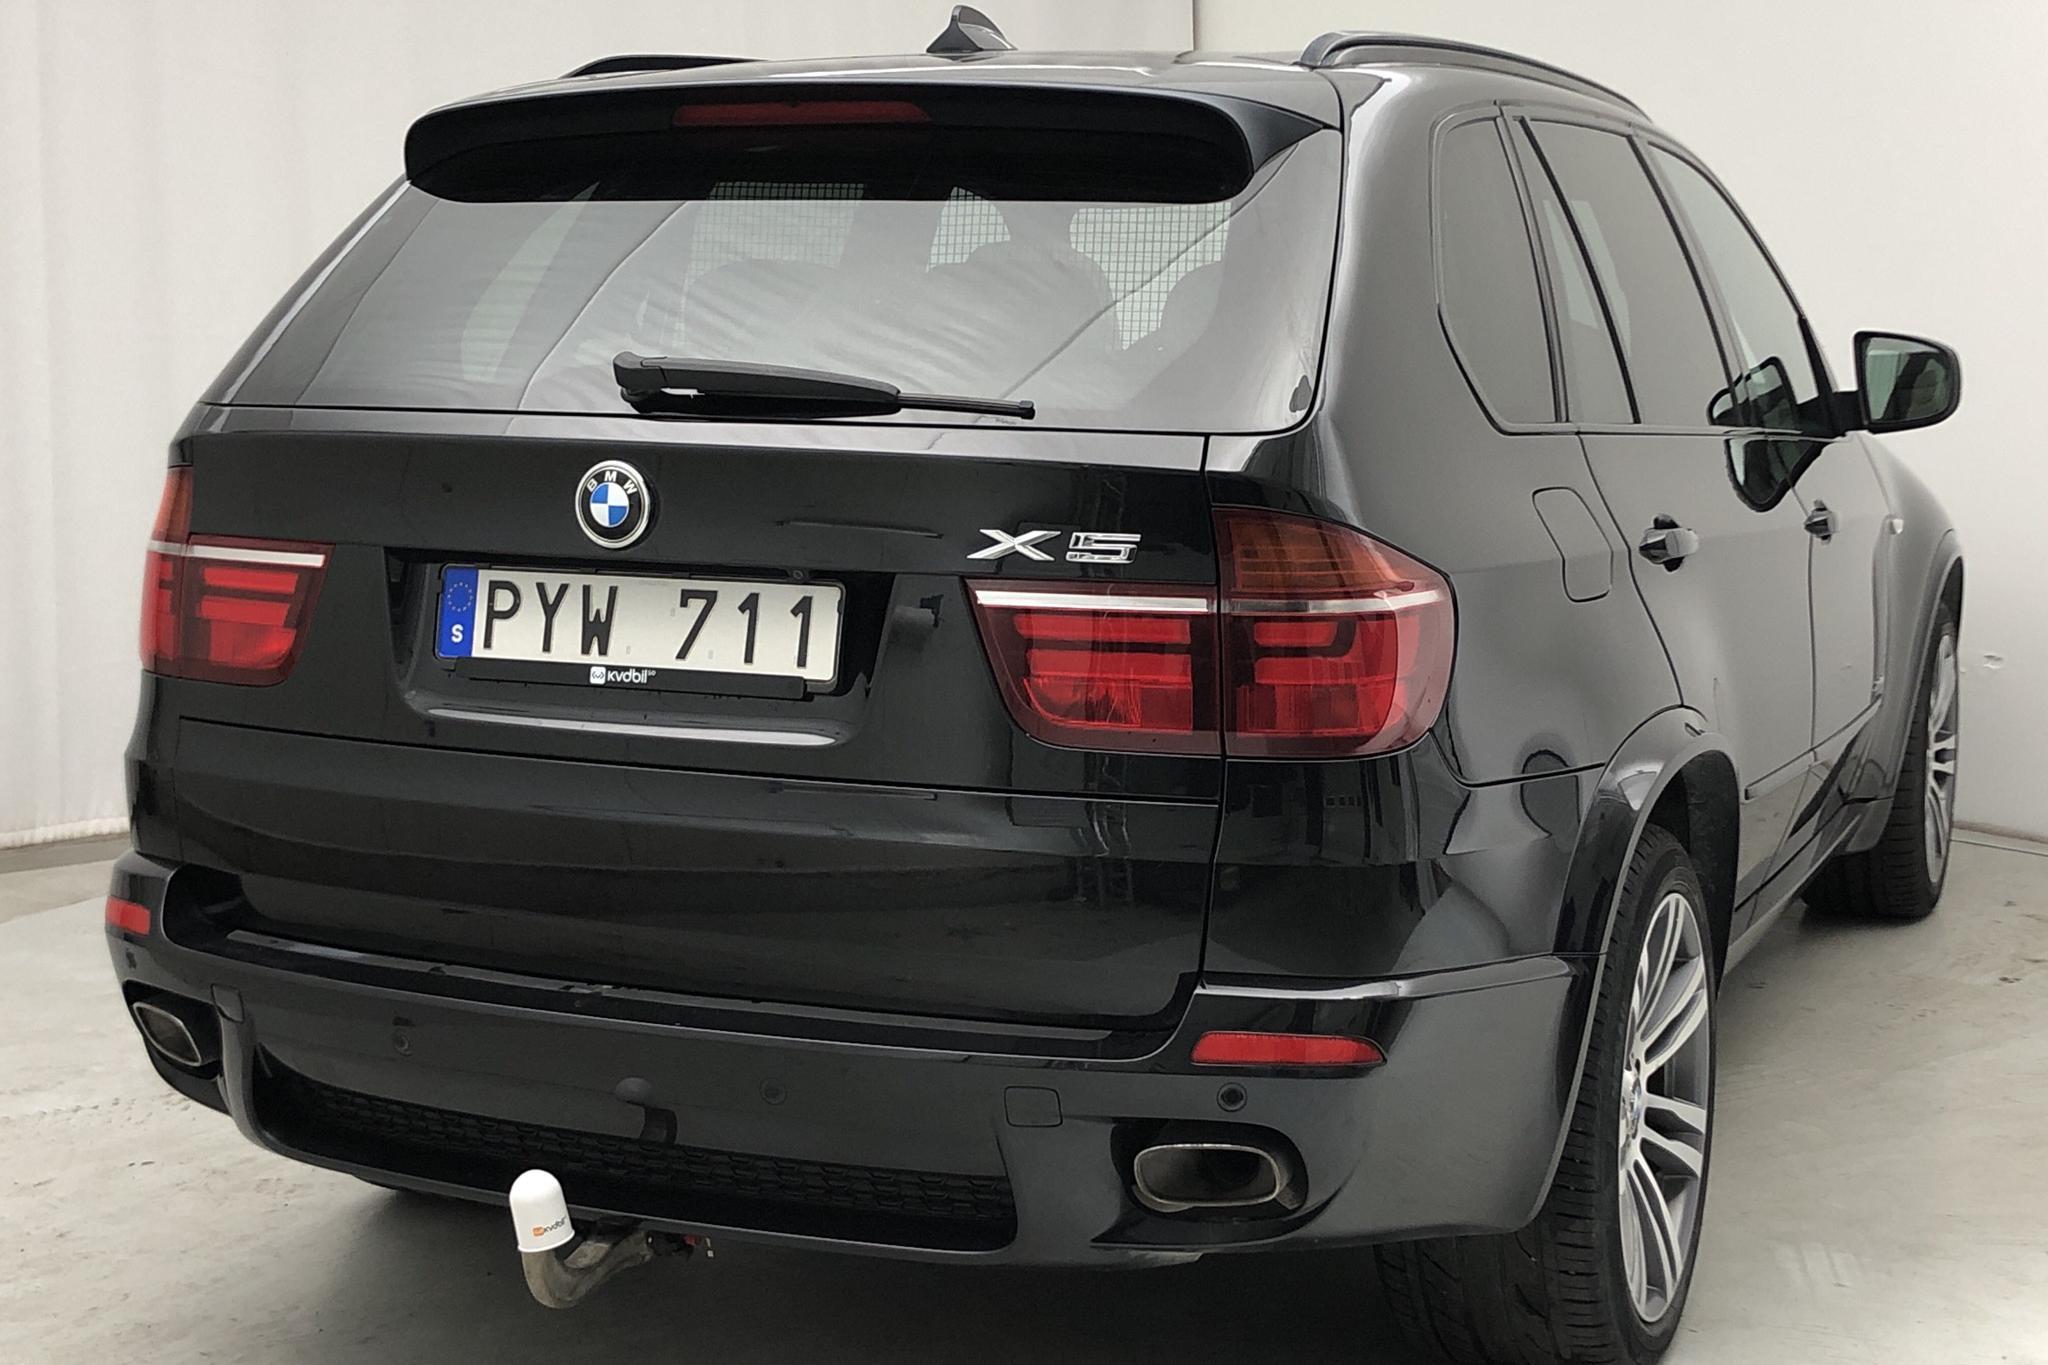 BMW X5 xDrive40d, E70 (306hk) - 19 800 mil - Automat - svart - 2011